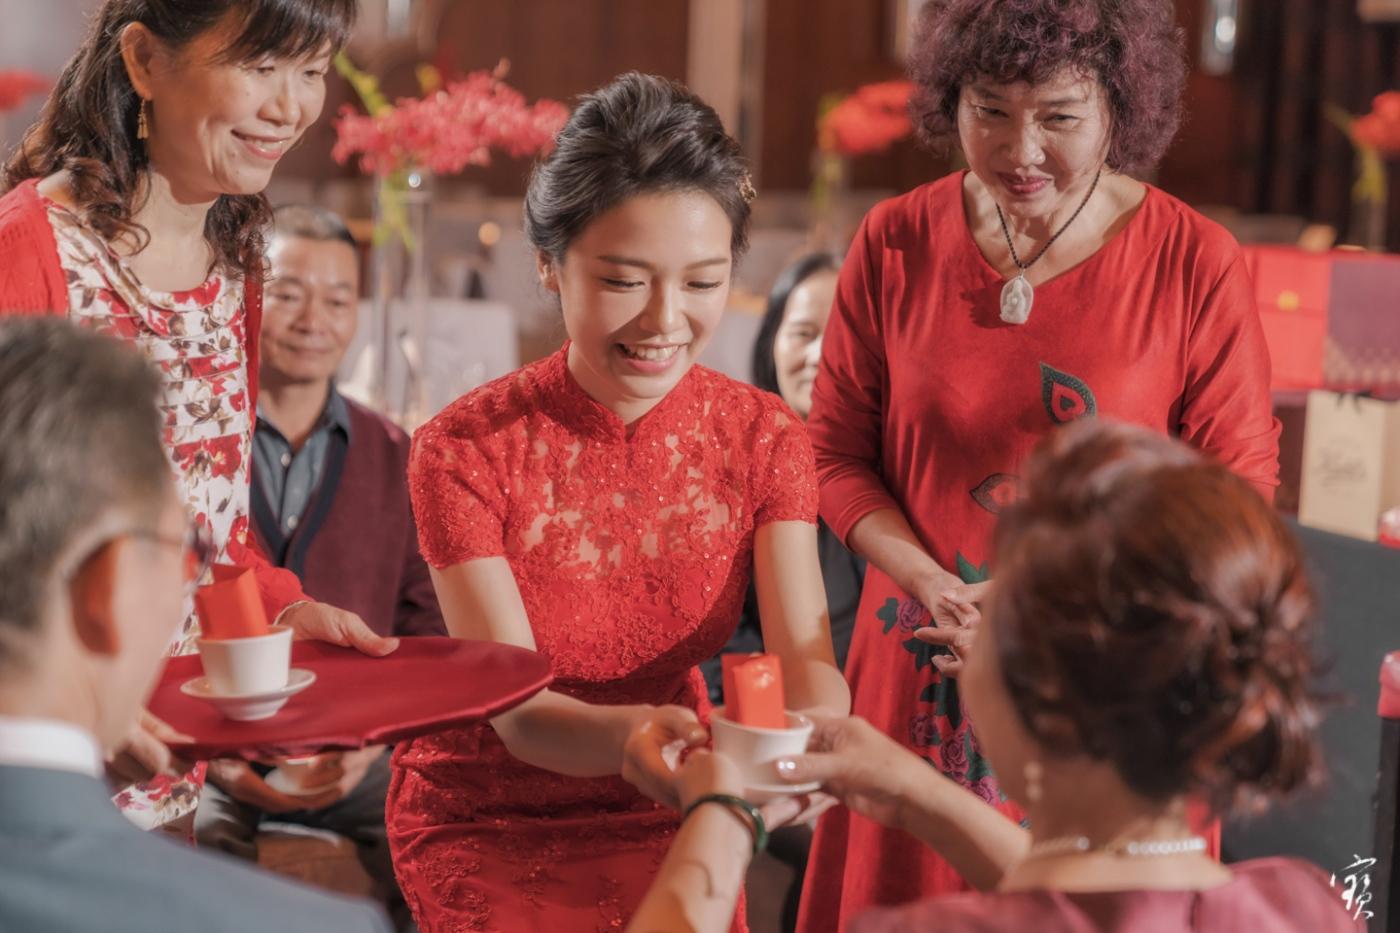 婚禮攝影 婚紗 大直 典華 冬半影像 攝影師大寶 北部攝影 台北攝影 桃園攝影 新竹攝影20181208-118